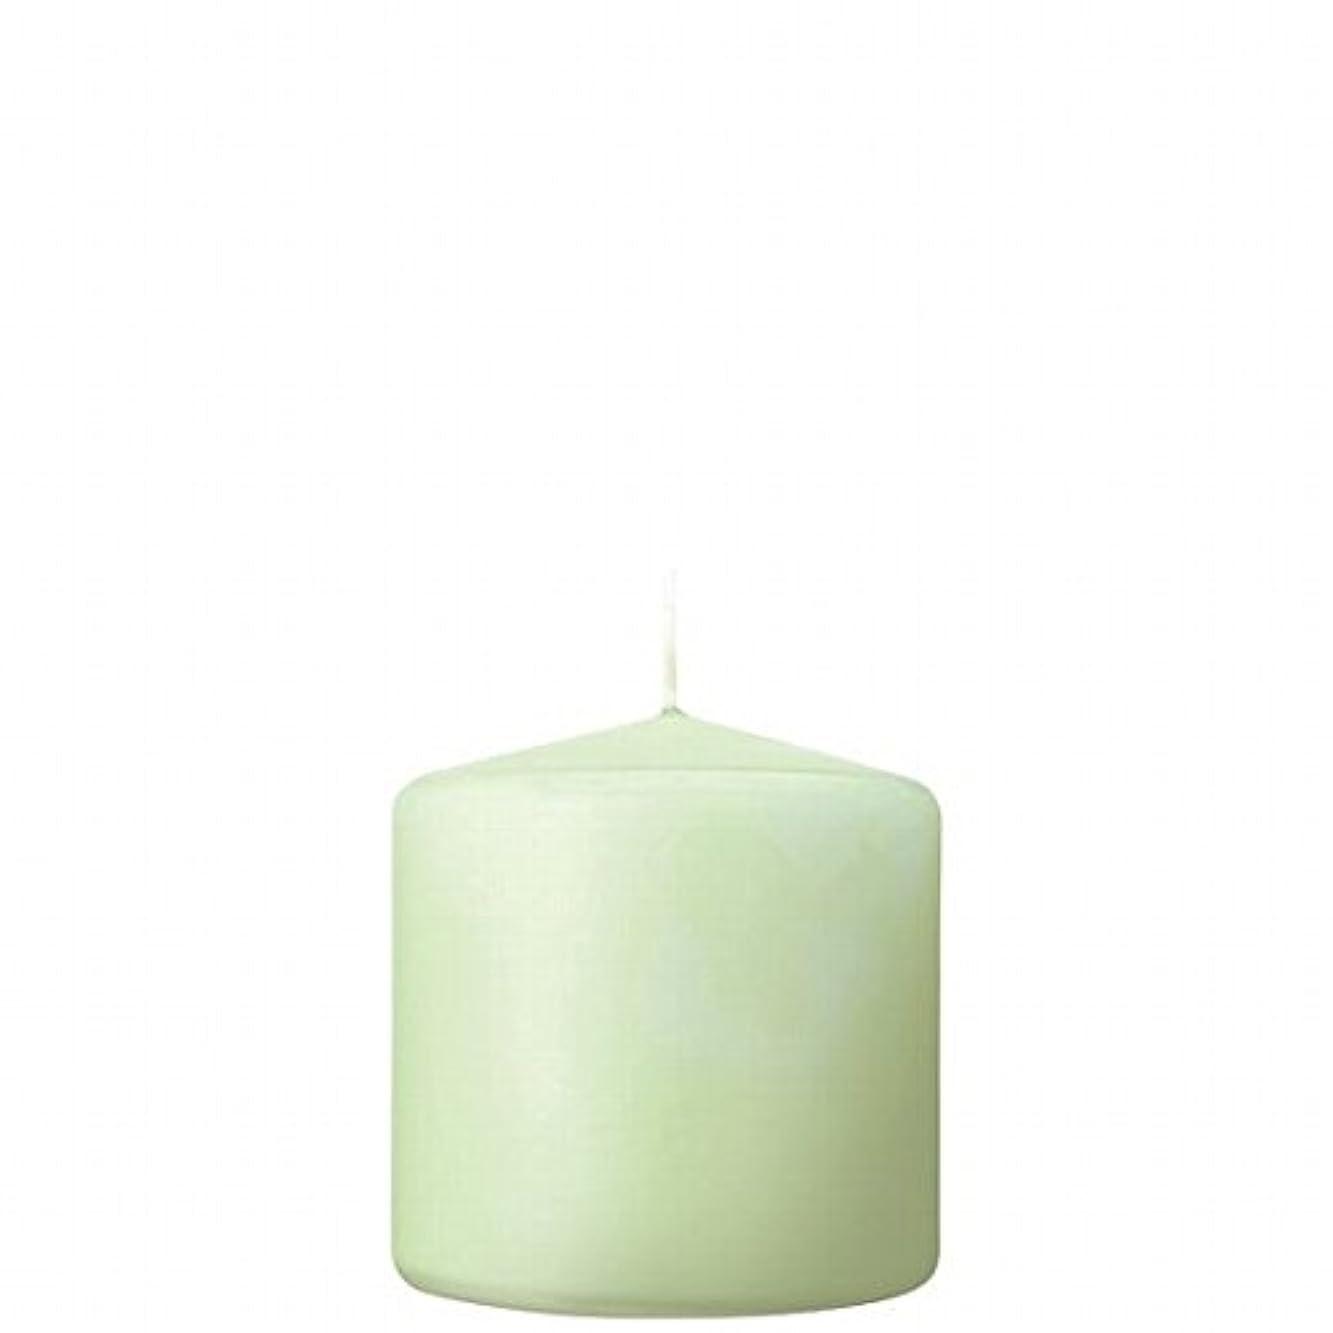 健康非武装化酸化するカメヤマキャンドル( kameyama candle ) 3×3ベルトップピラーキャンドル 「 ホワイトグリーン 」